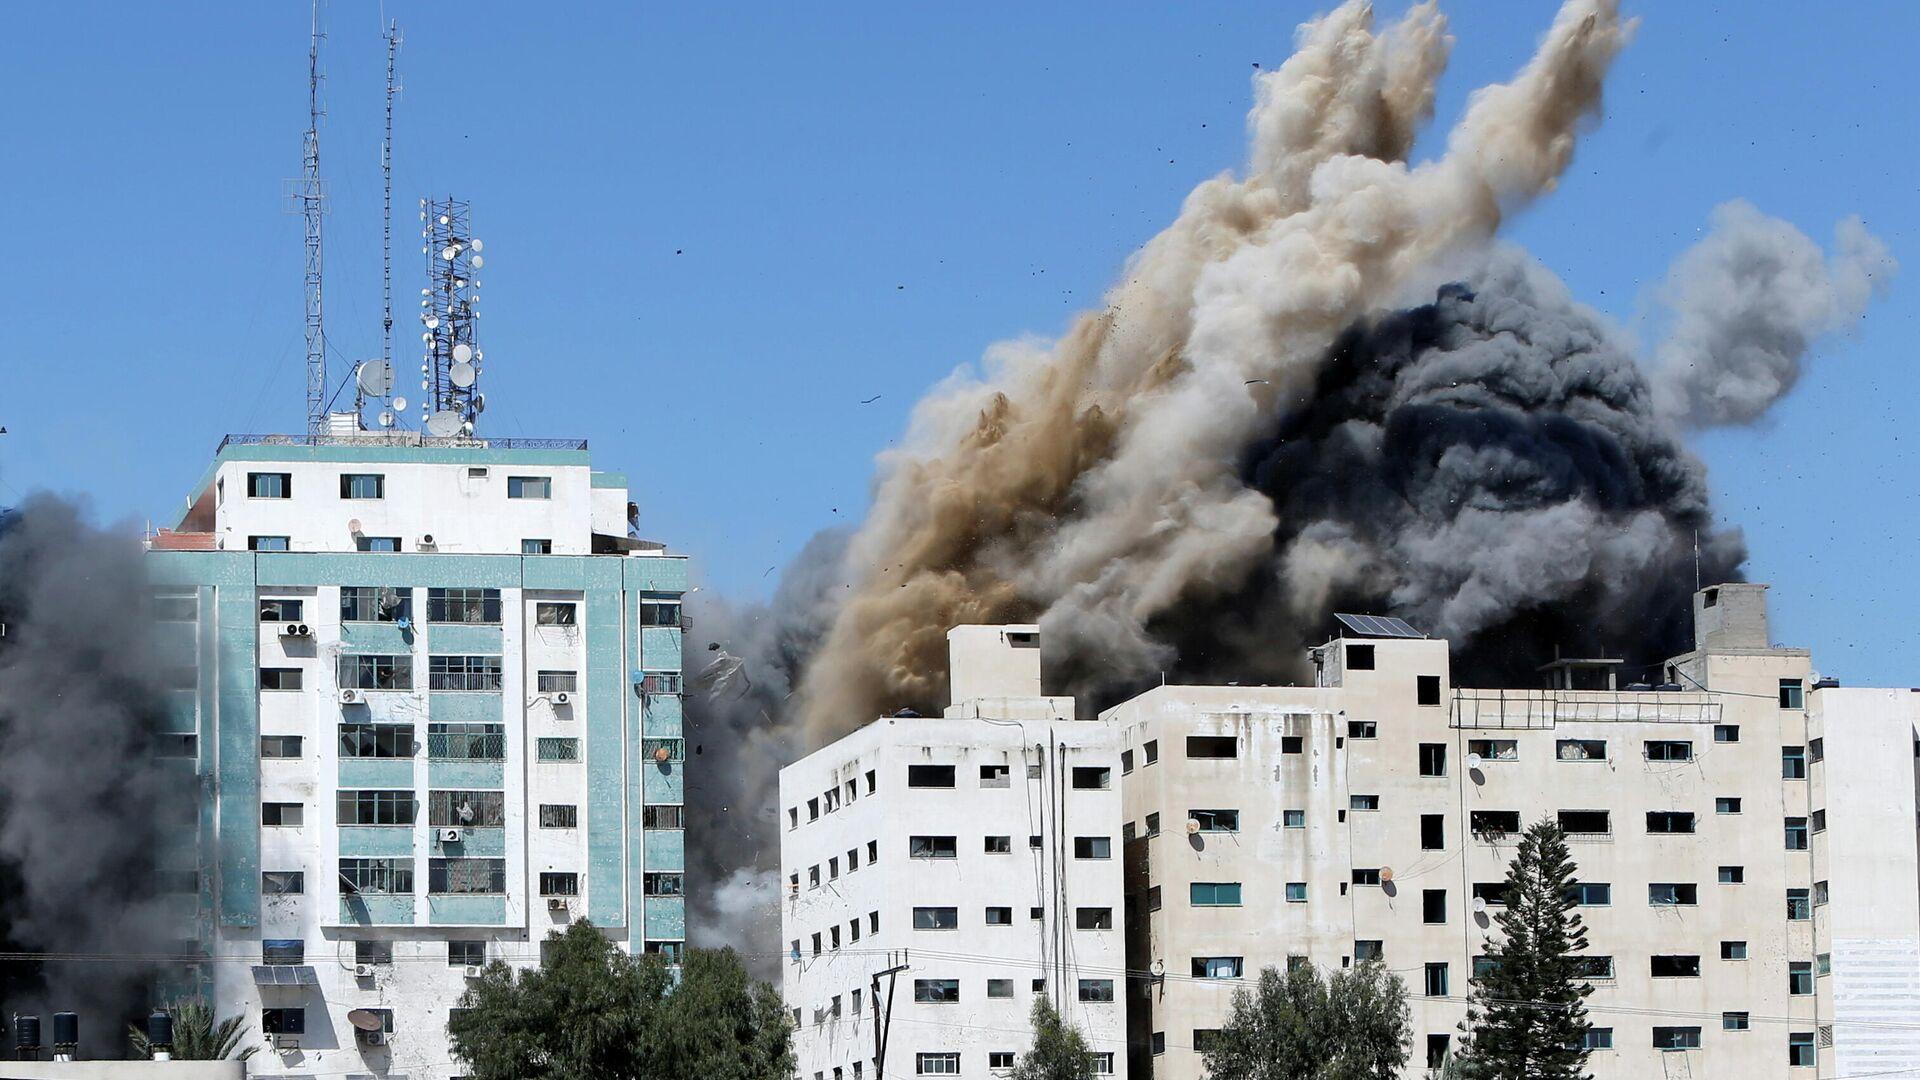 Las oficinas de AP y Al Jazeera se derrumban tras los ataques de misiles israelíes en la ciudad de Gaza, el 15 de mayo de 2021 - Sputnik Mundo, 1920, 16.05.2021